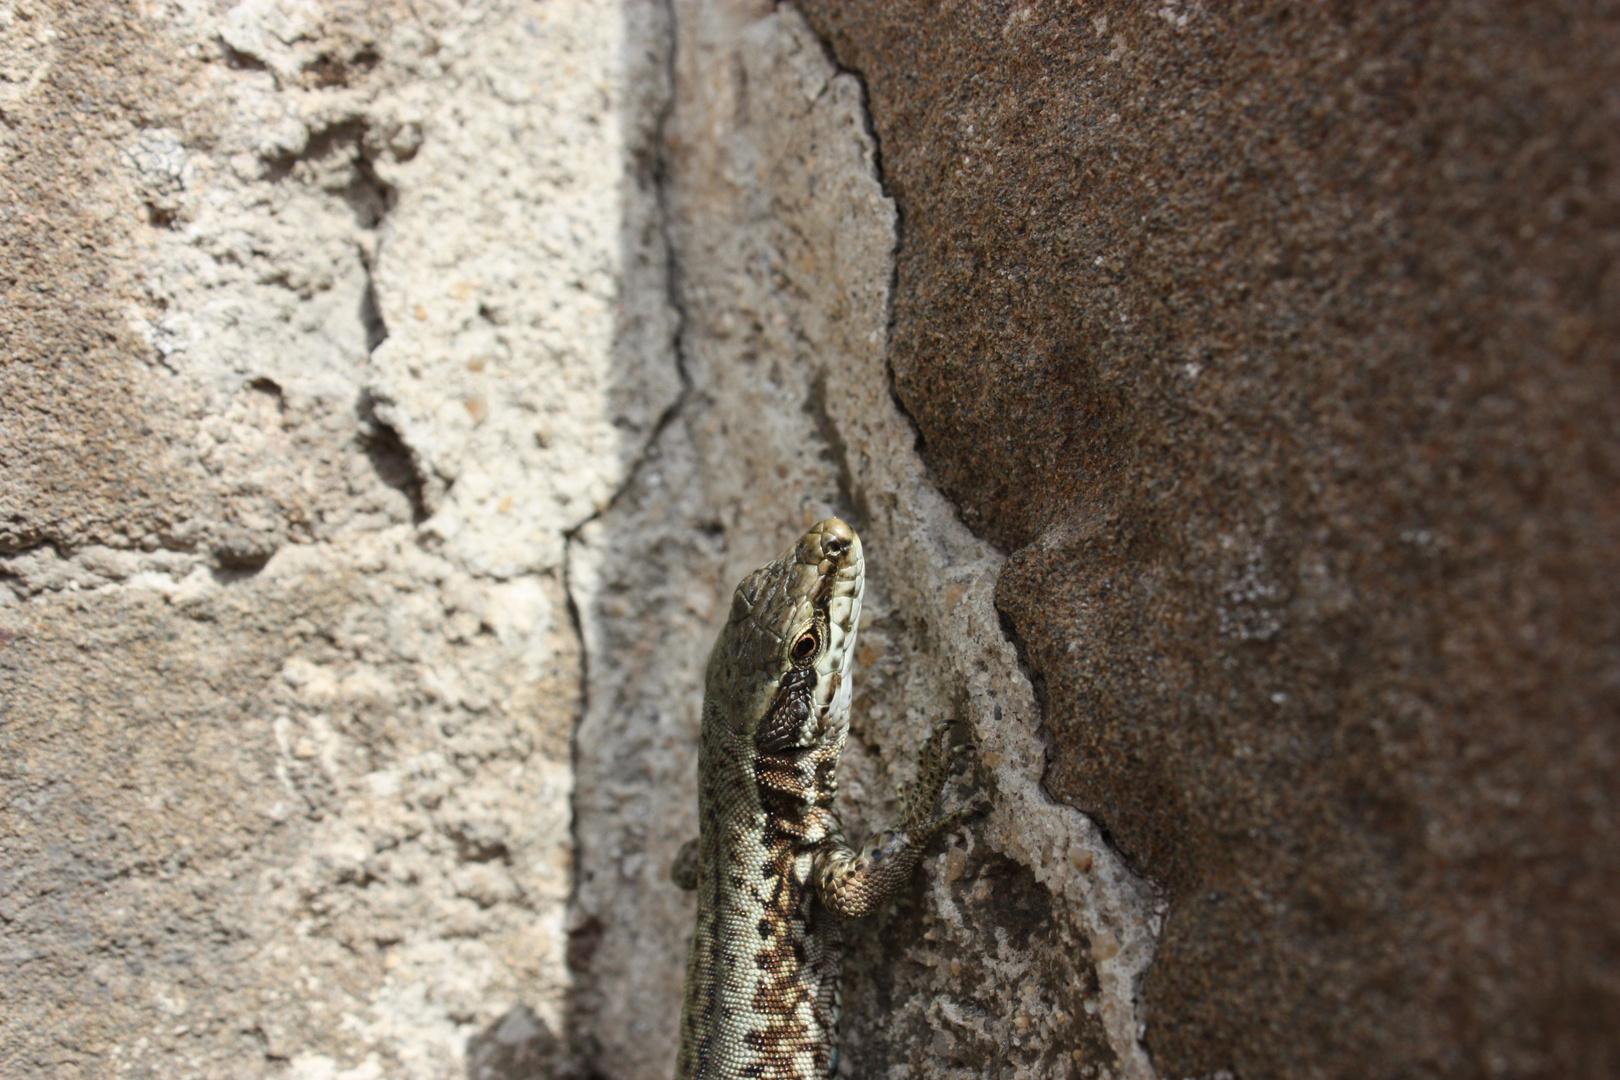 La lagartija comun